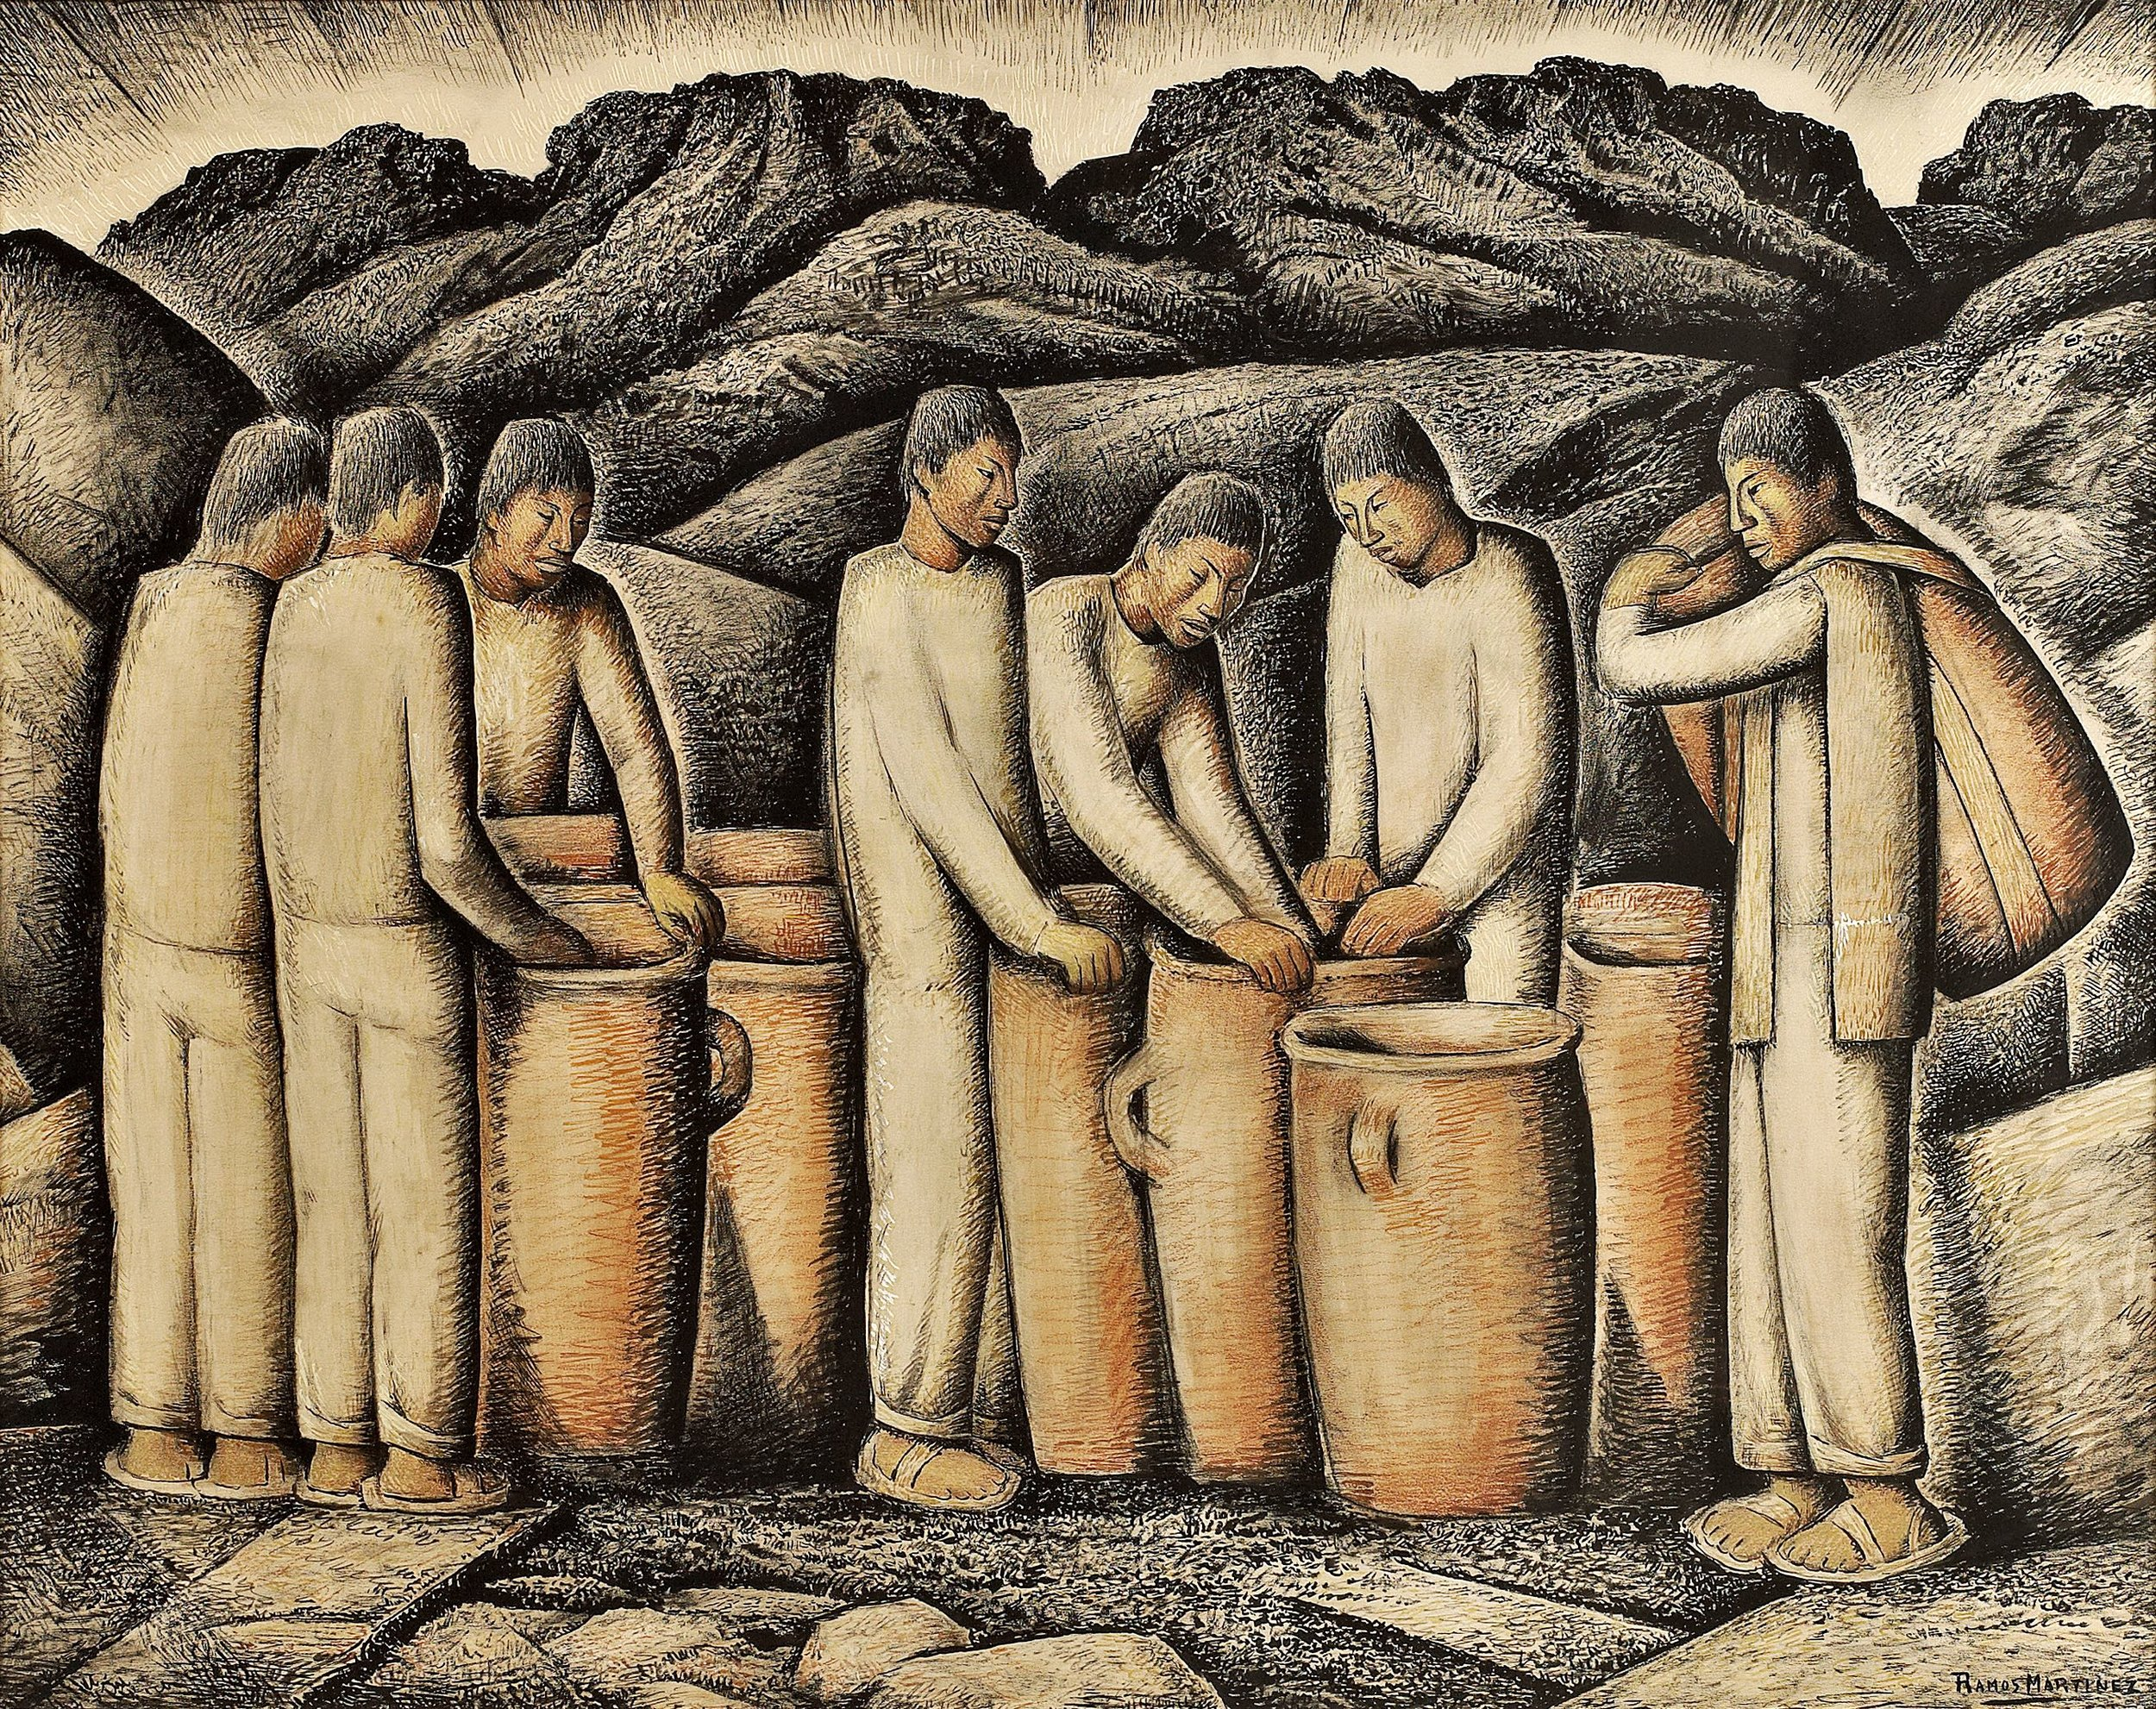 Jarras / Jars  1935 gouache and Conté crayon on paper / aguada y crayon Conté sobre papel 21.9 x 27.9 inches; 55.6 x 70.9 centímetros Private collection